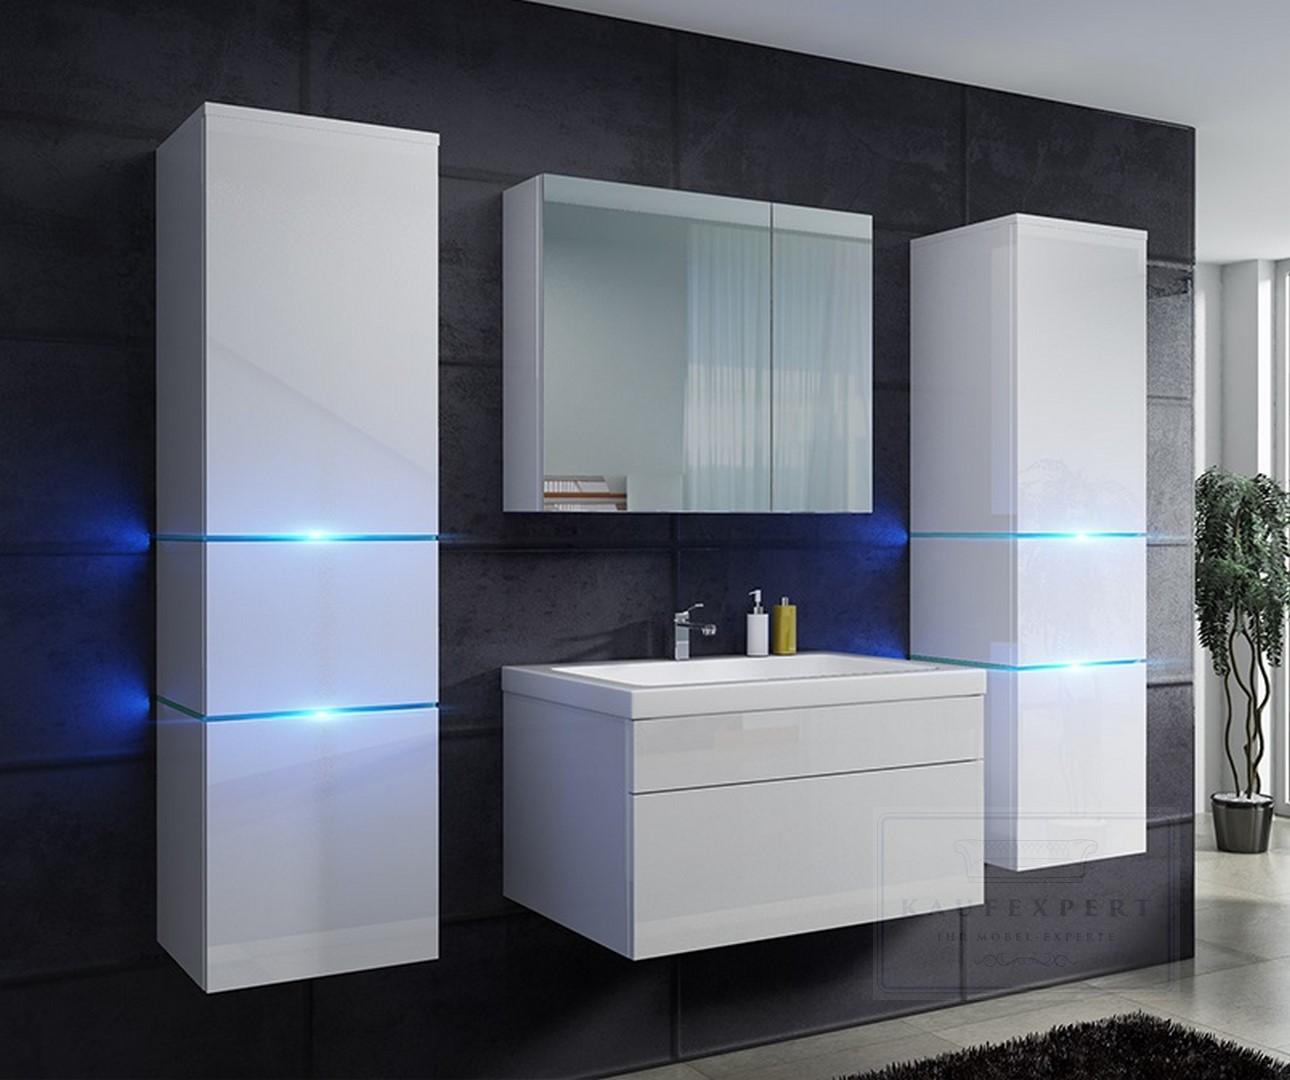 badm bel set prestige lackiert led beleuchtung keramik. Black Bedroom Furniture Sets. Home Design Ideas